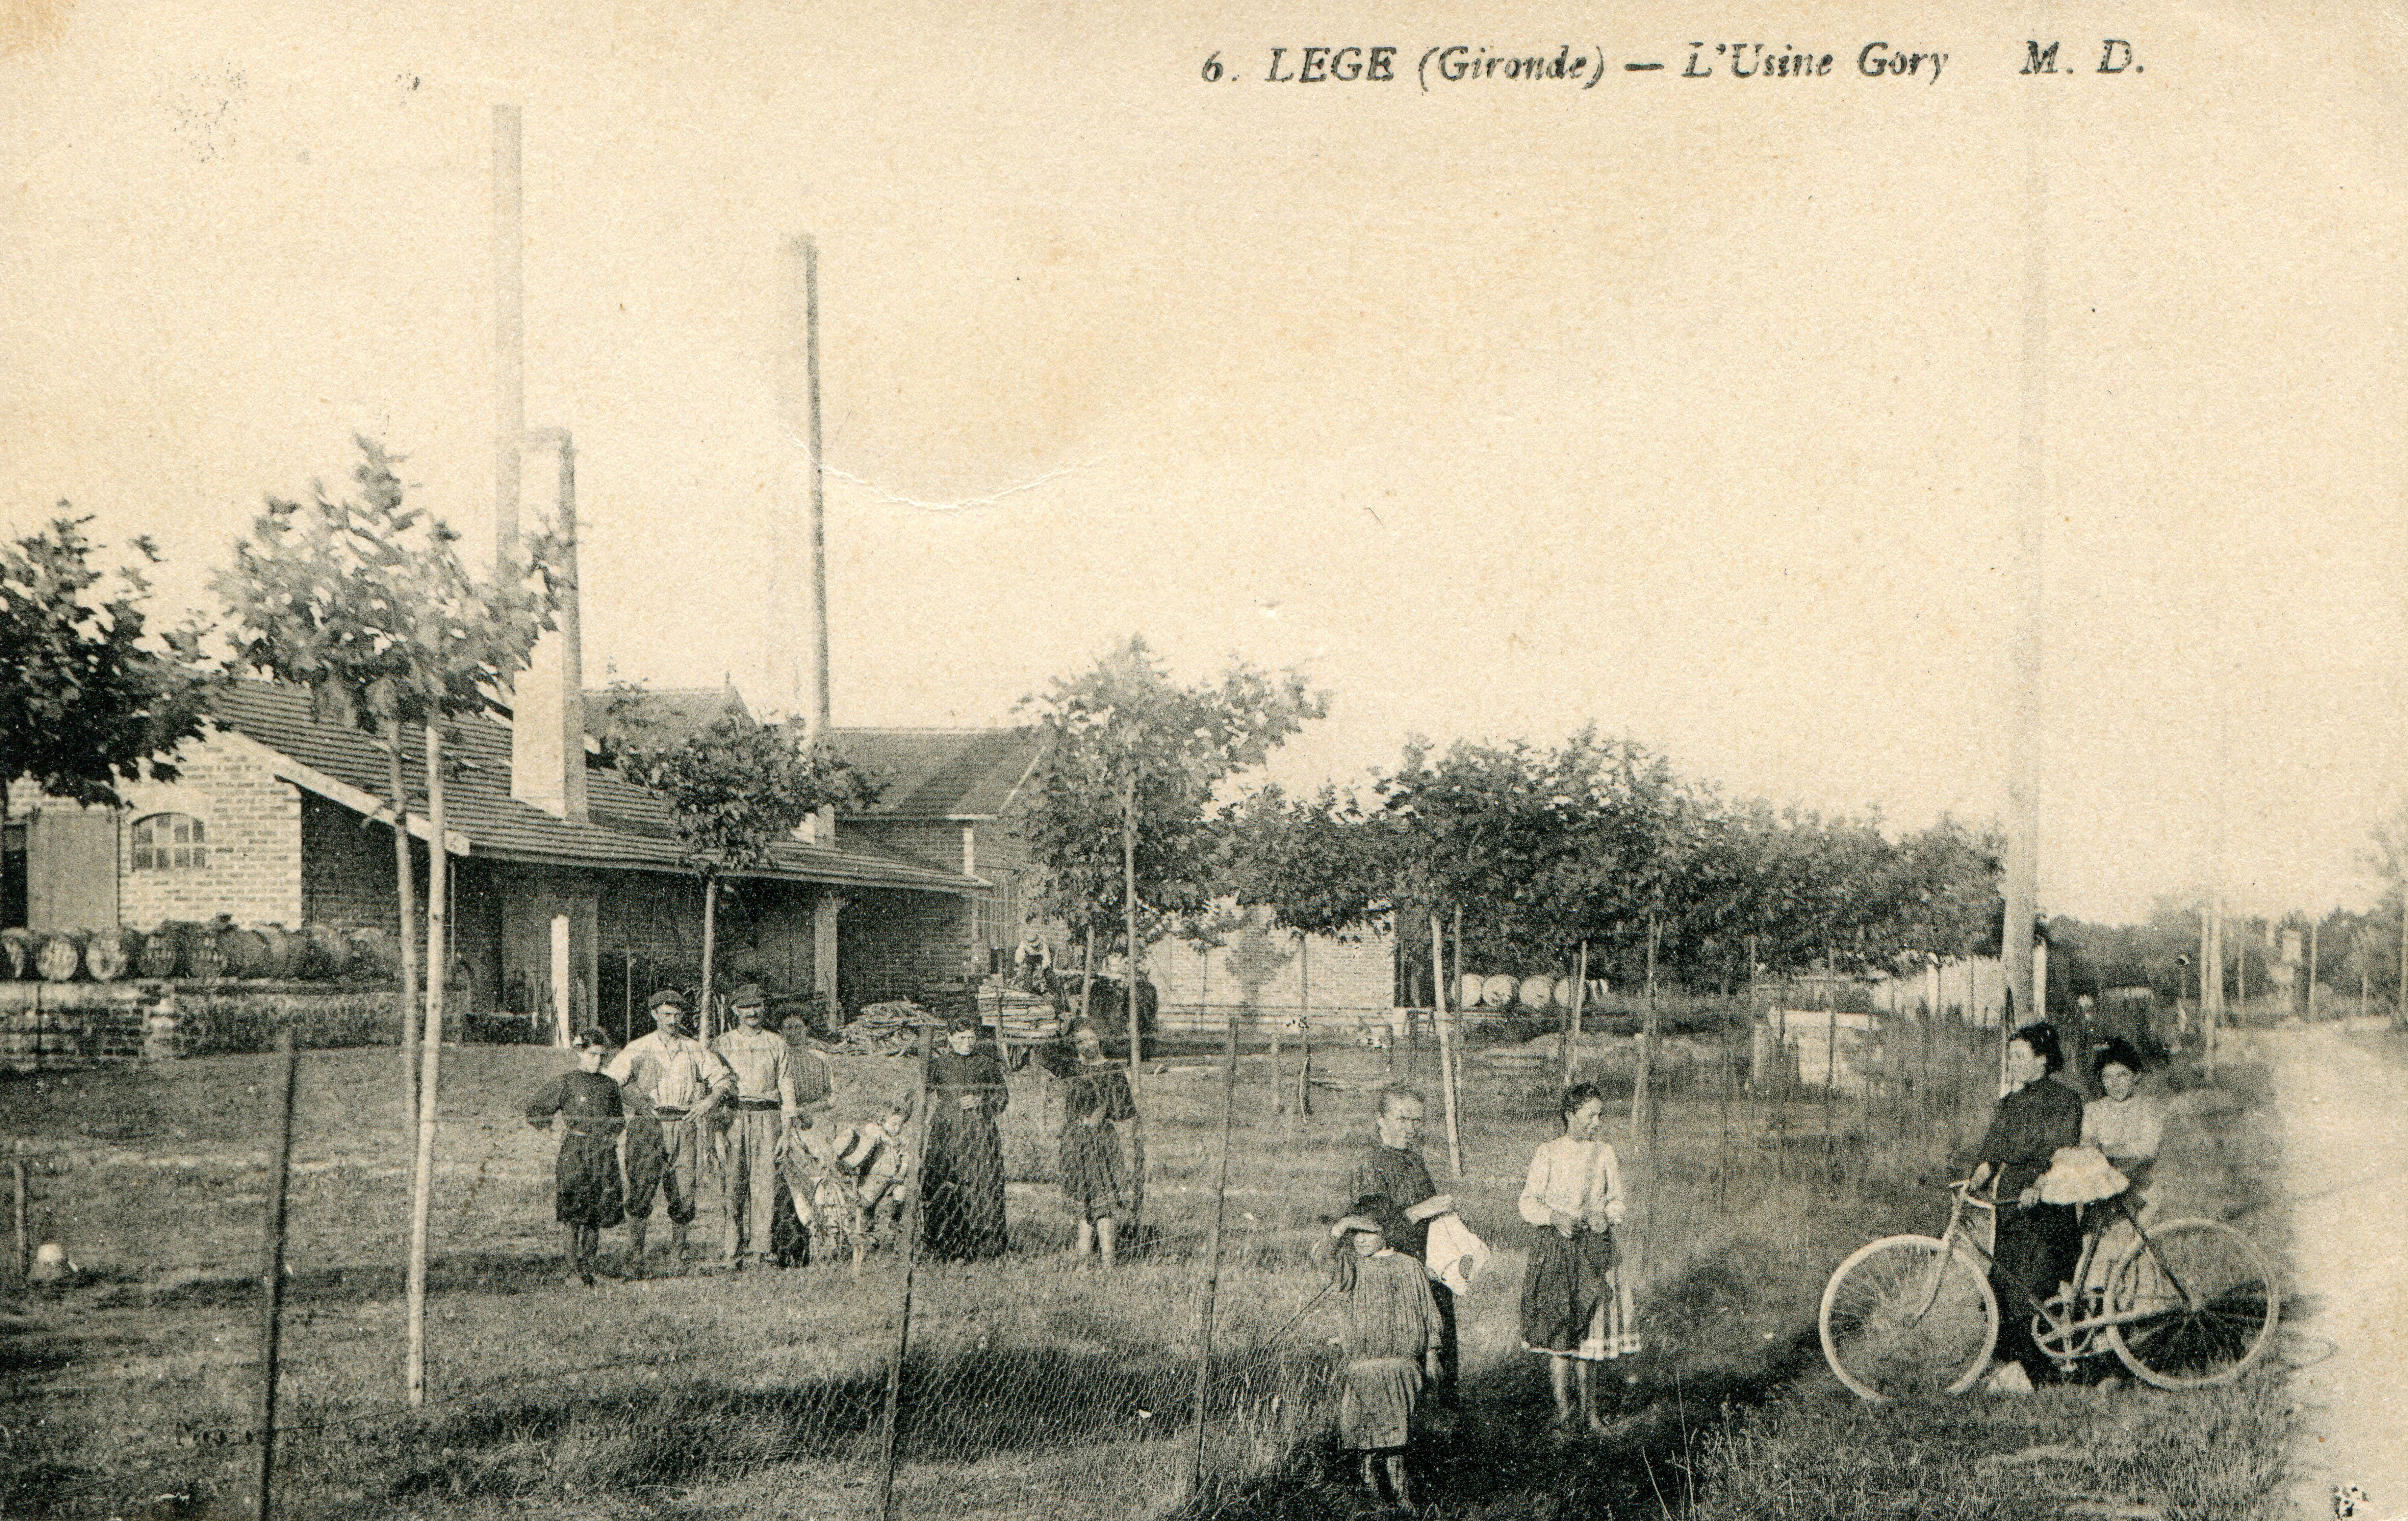 Läge - L'usine Gorry (coll. Luc Dupuyoo)